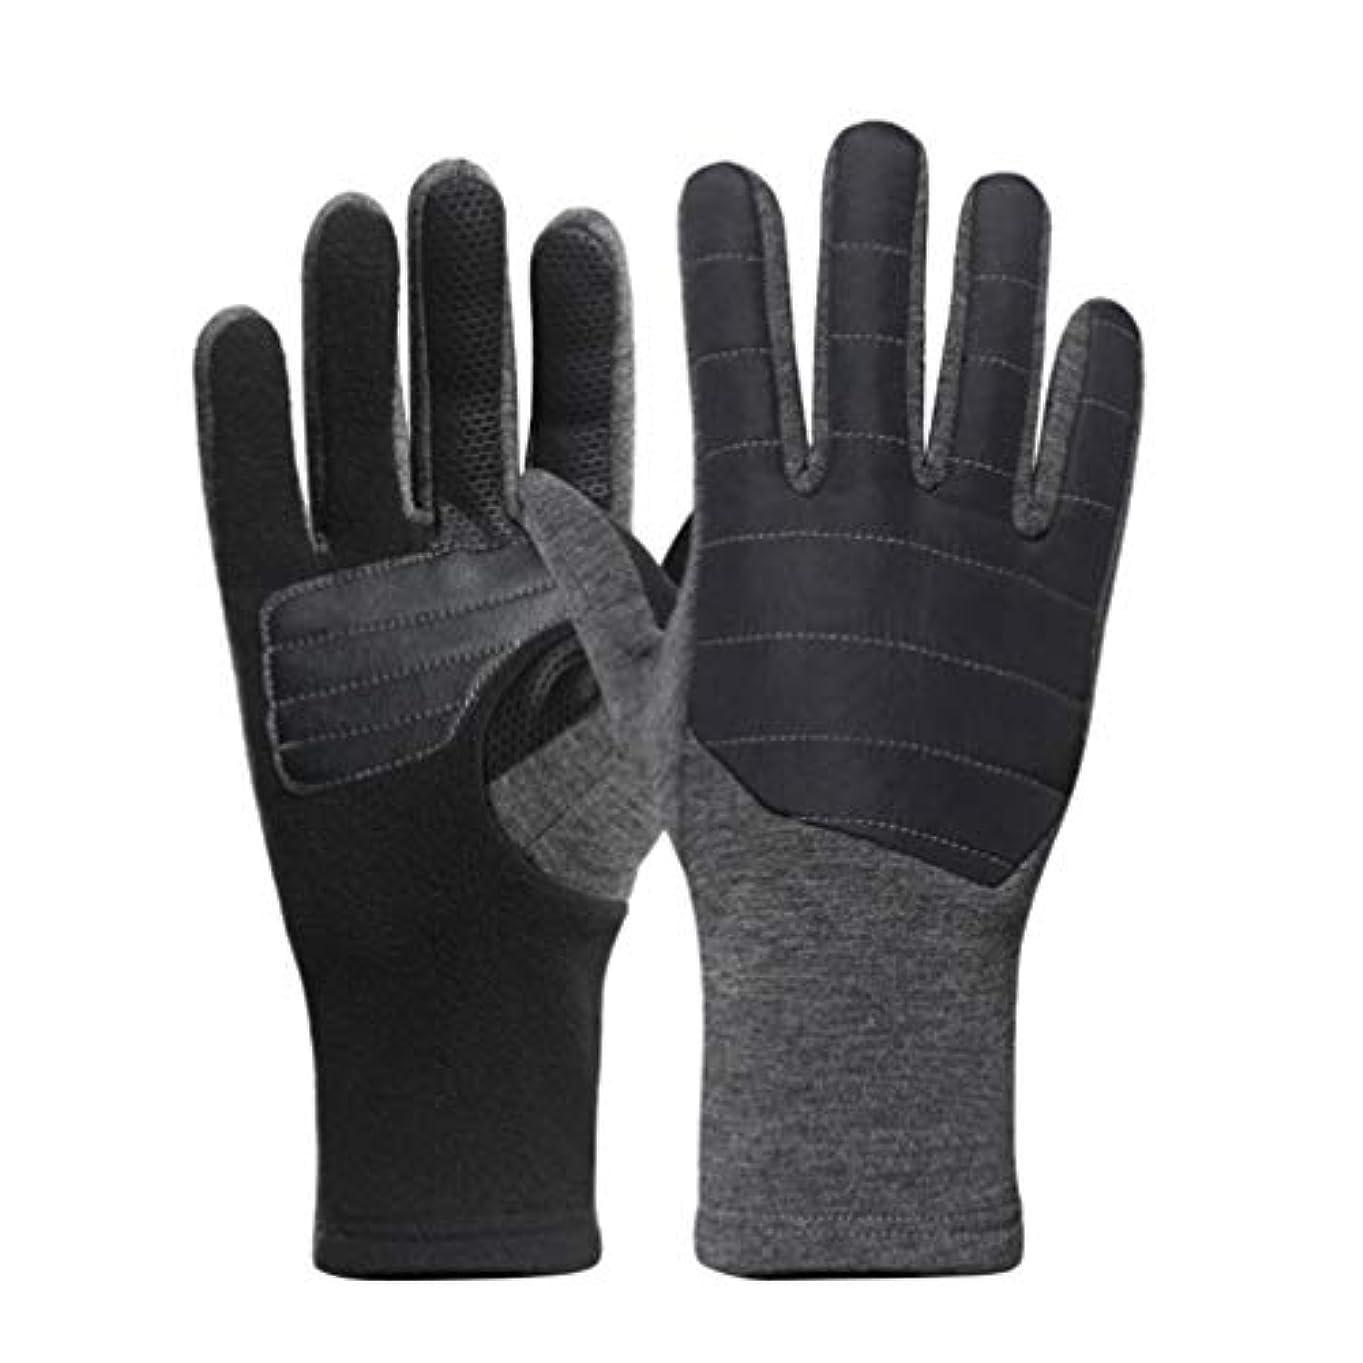 消毒剤特別な宇宙船LIOOBO 1ペア男性フリース手袋タッチスクリーン指手袋ぬいぐるみ冬手袋暖かい手衣装屋外乗馬登山ハイキング